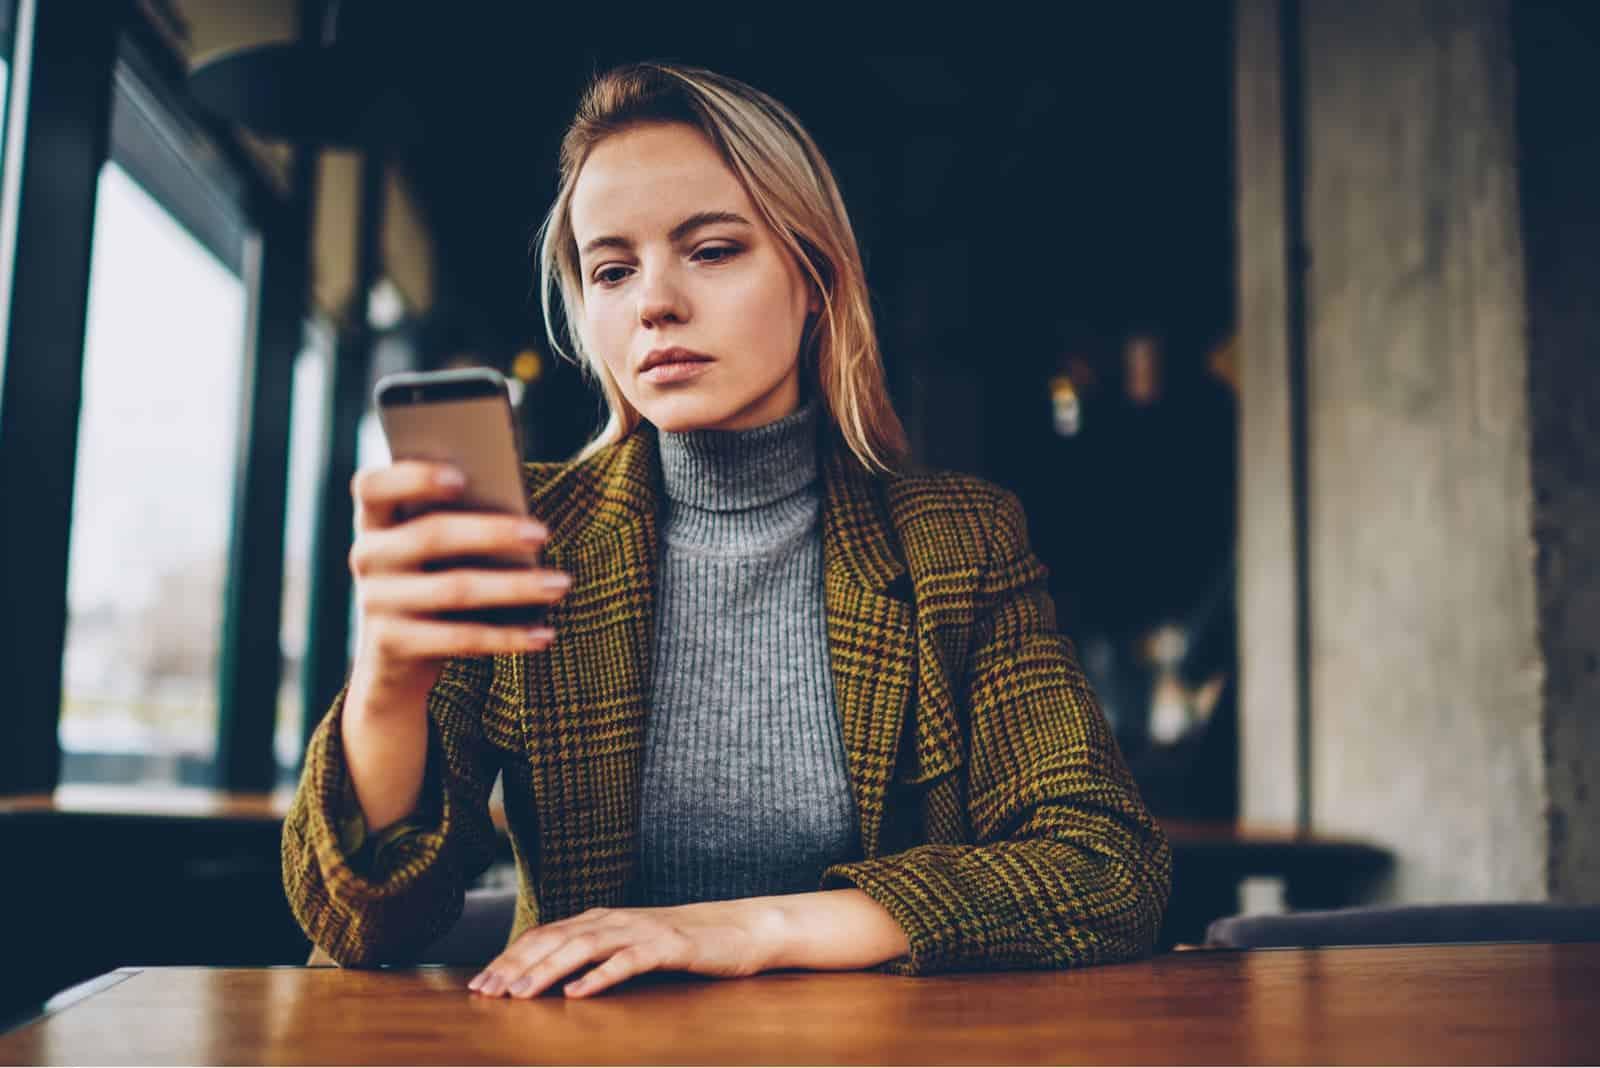 Frau sitzt am Tisch und hält ihr Handy